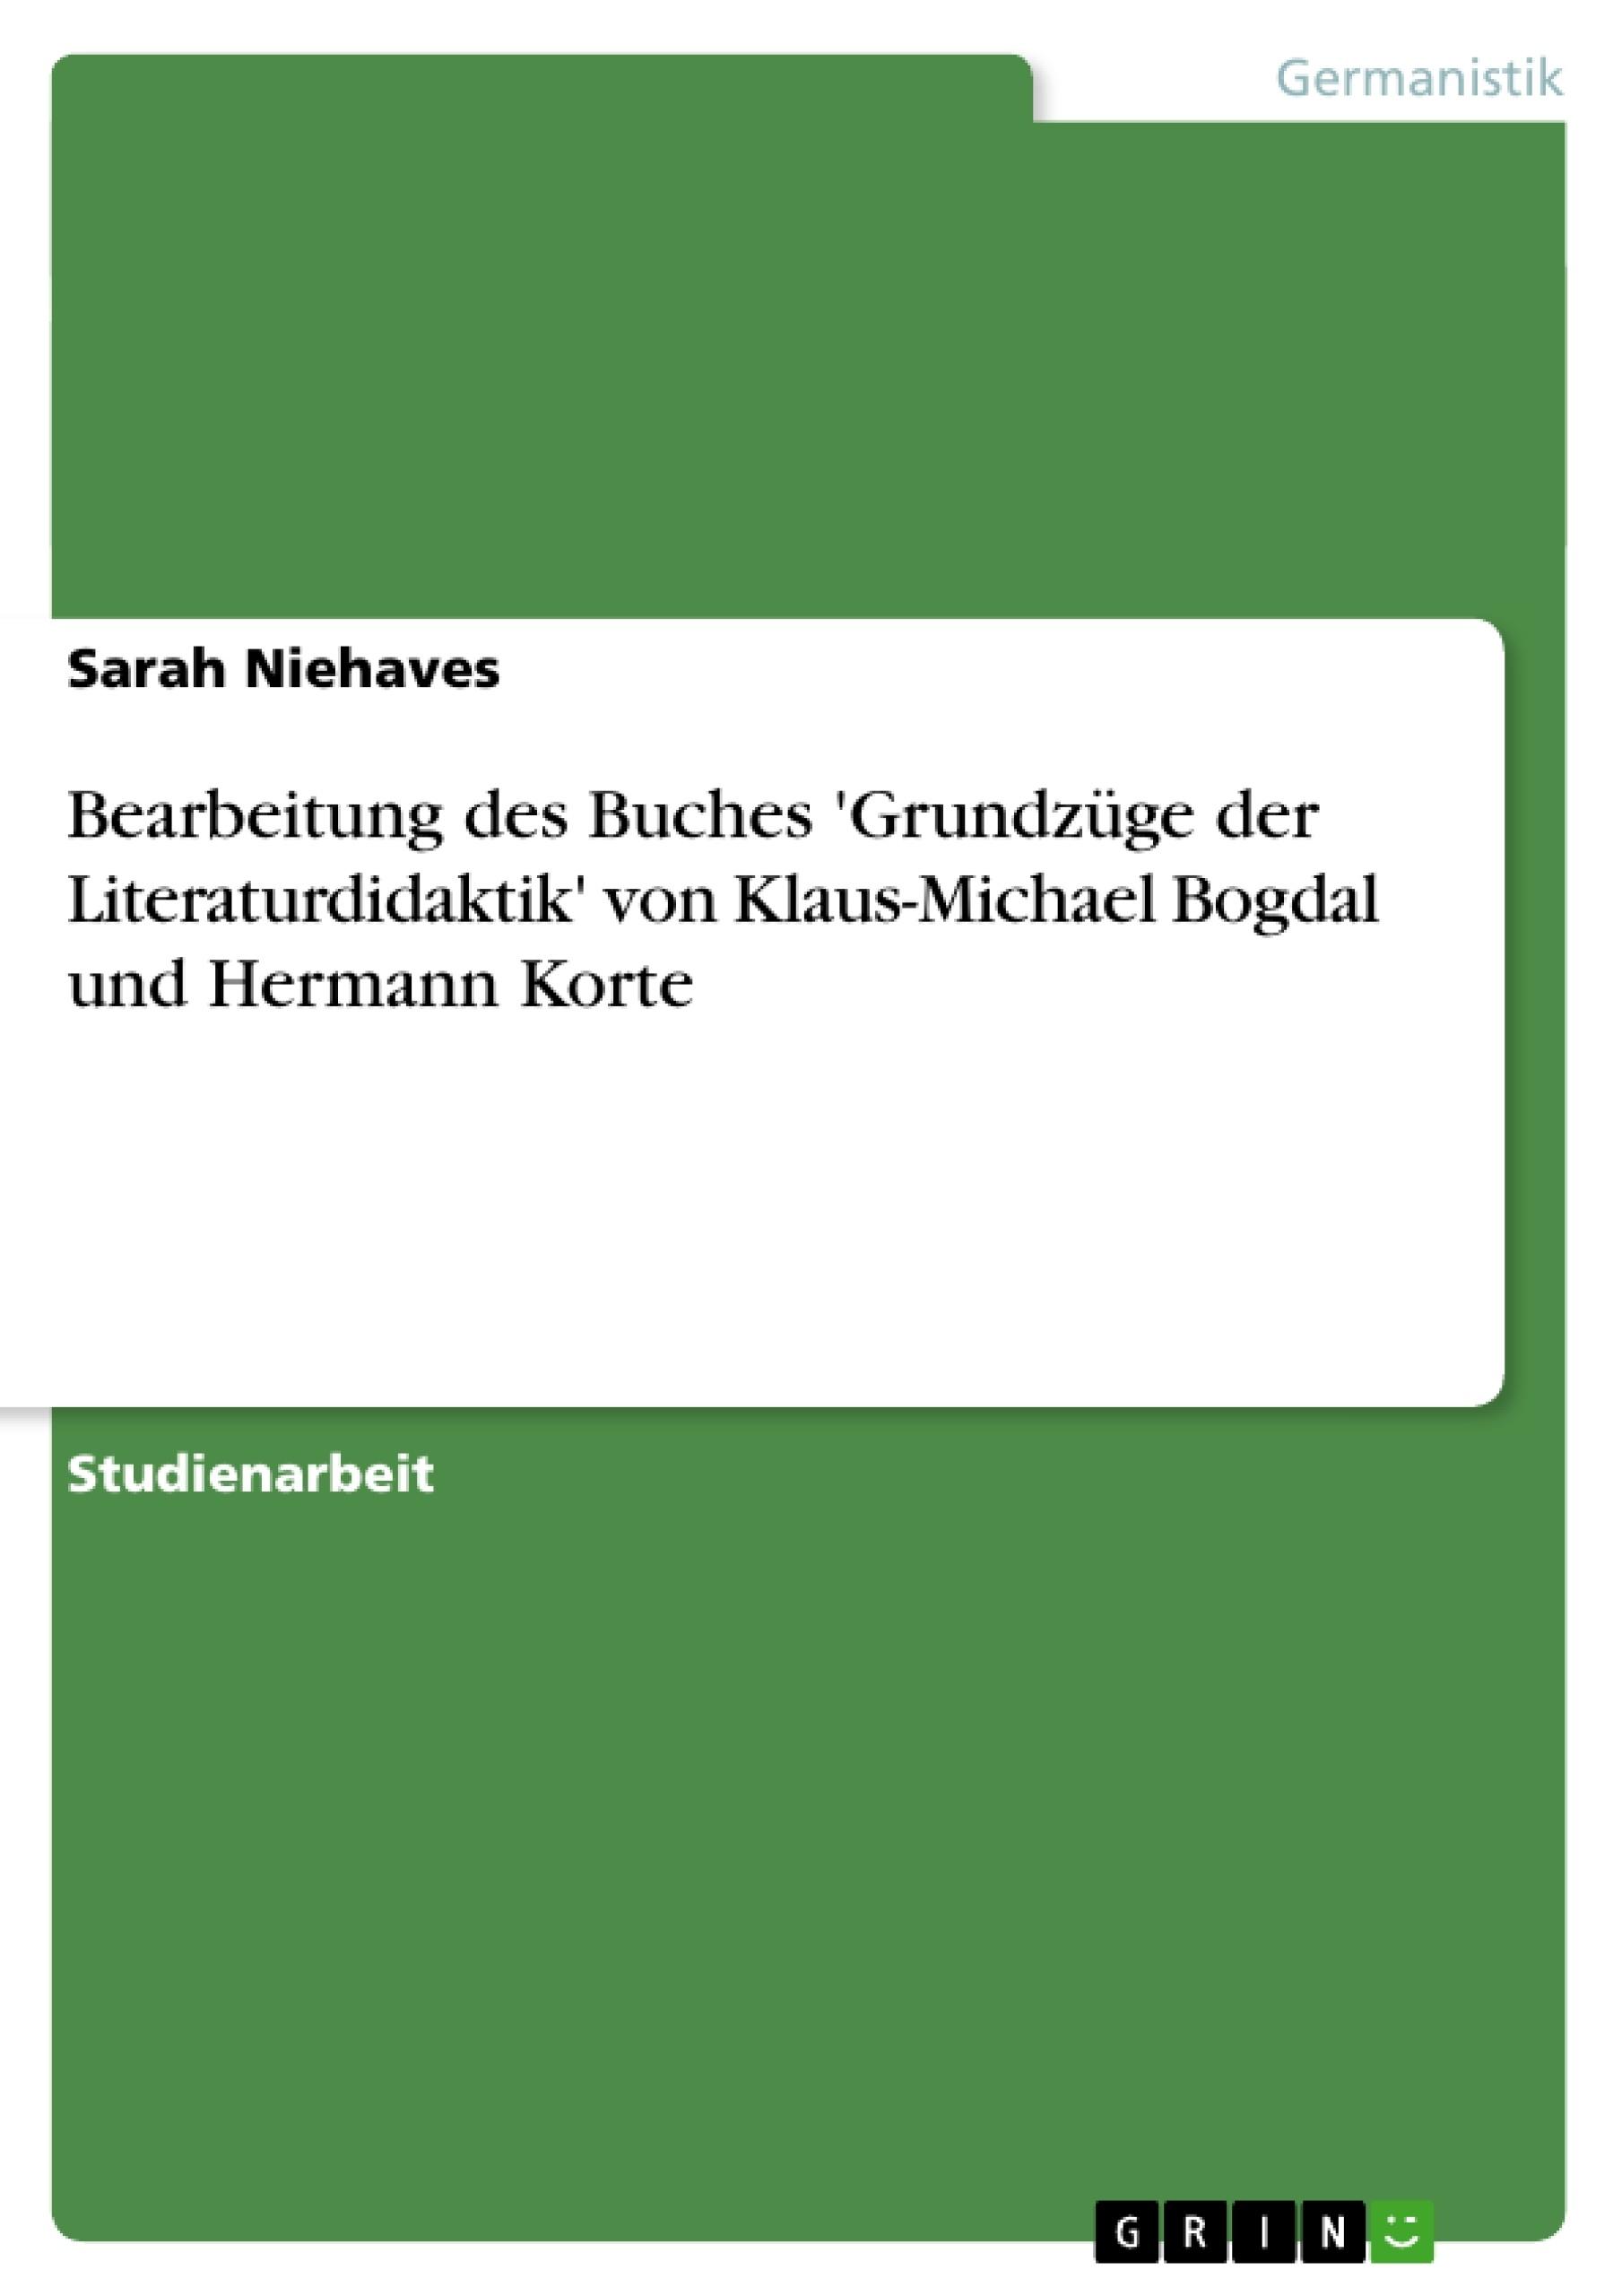 Titel: Bearbeitung des Buches 'Grundzüge der Literaturdidaktik' von Klaus-Michael Bogdal und Hermann Korte